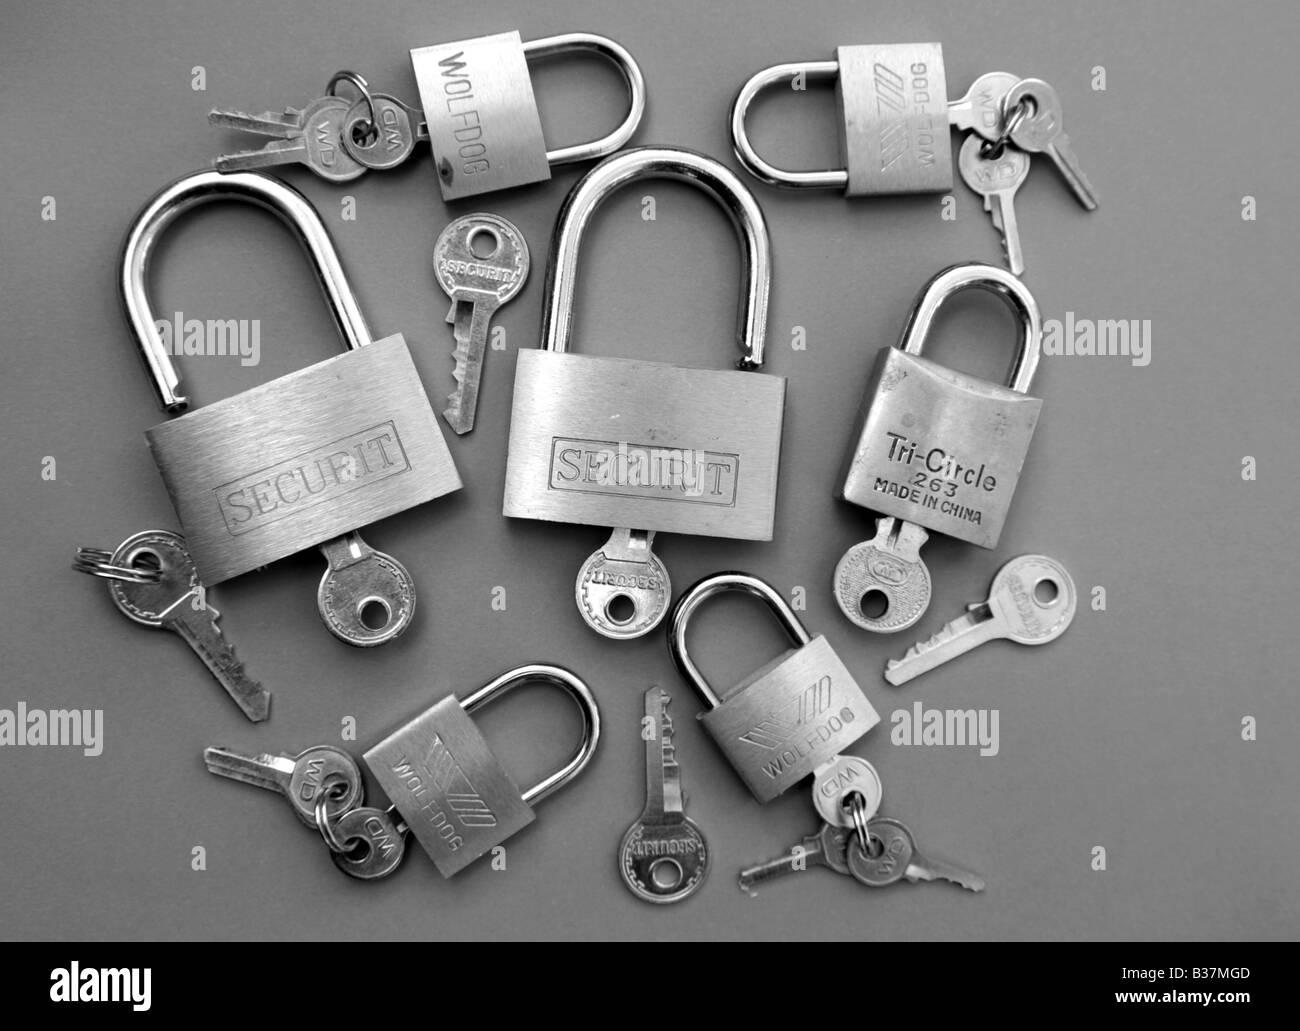 padlock, lock, 2, two, secure, security, safe,  link, interlink, interlinked, together - Stock Image